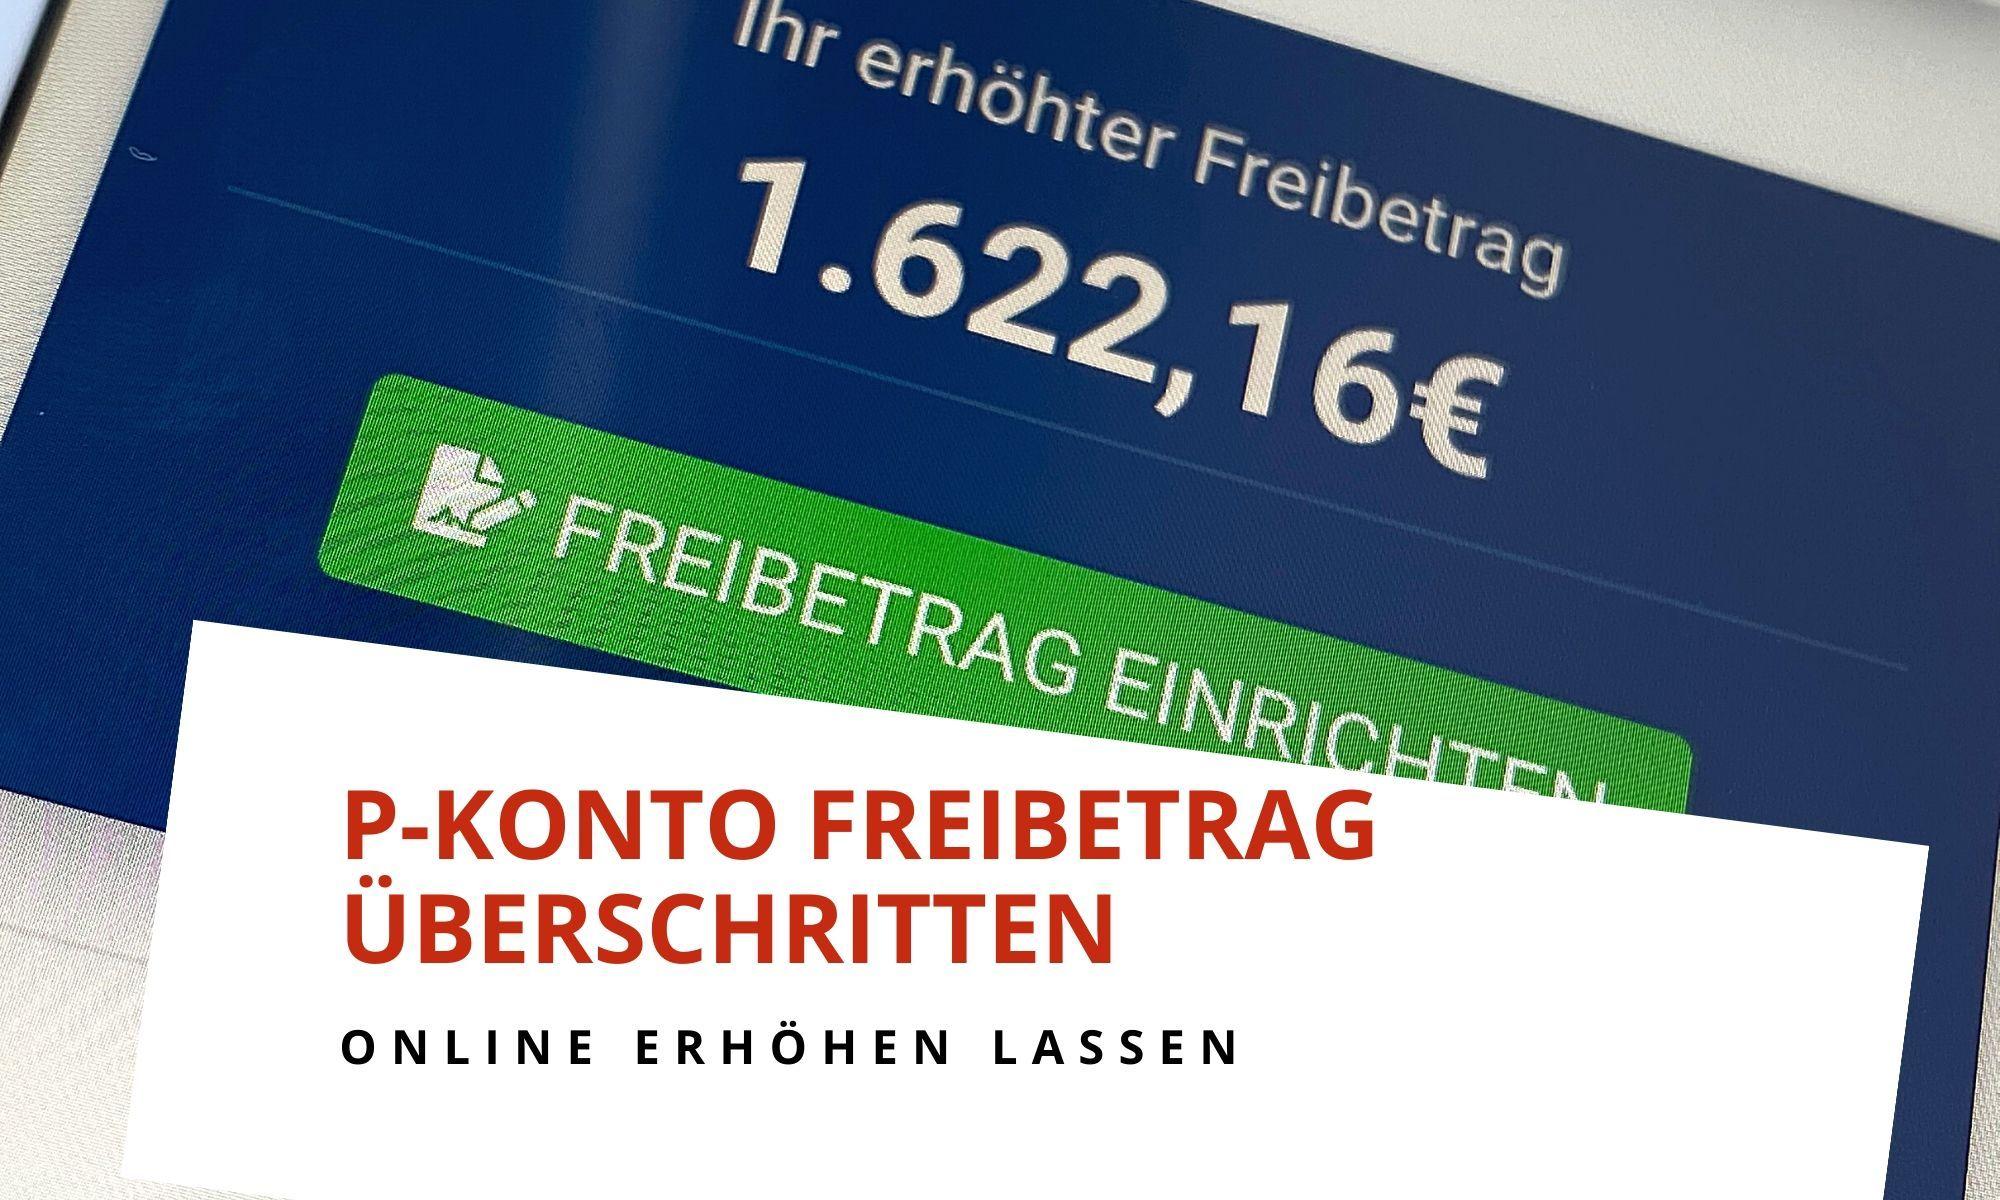 P-Konto Freibetrag überschritten. Jetzt richtig berechnen und online erhöhen.